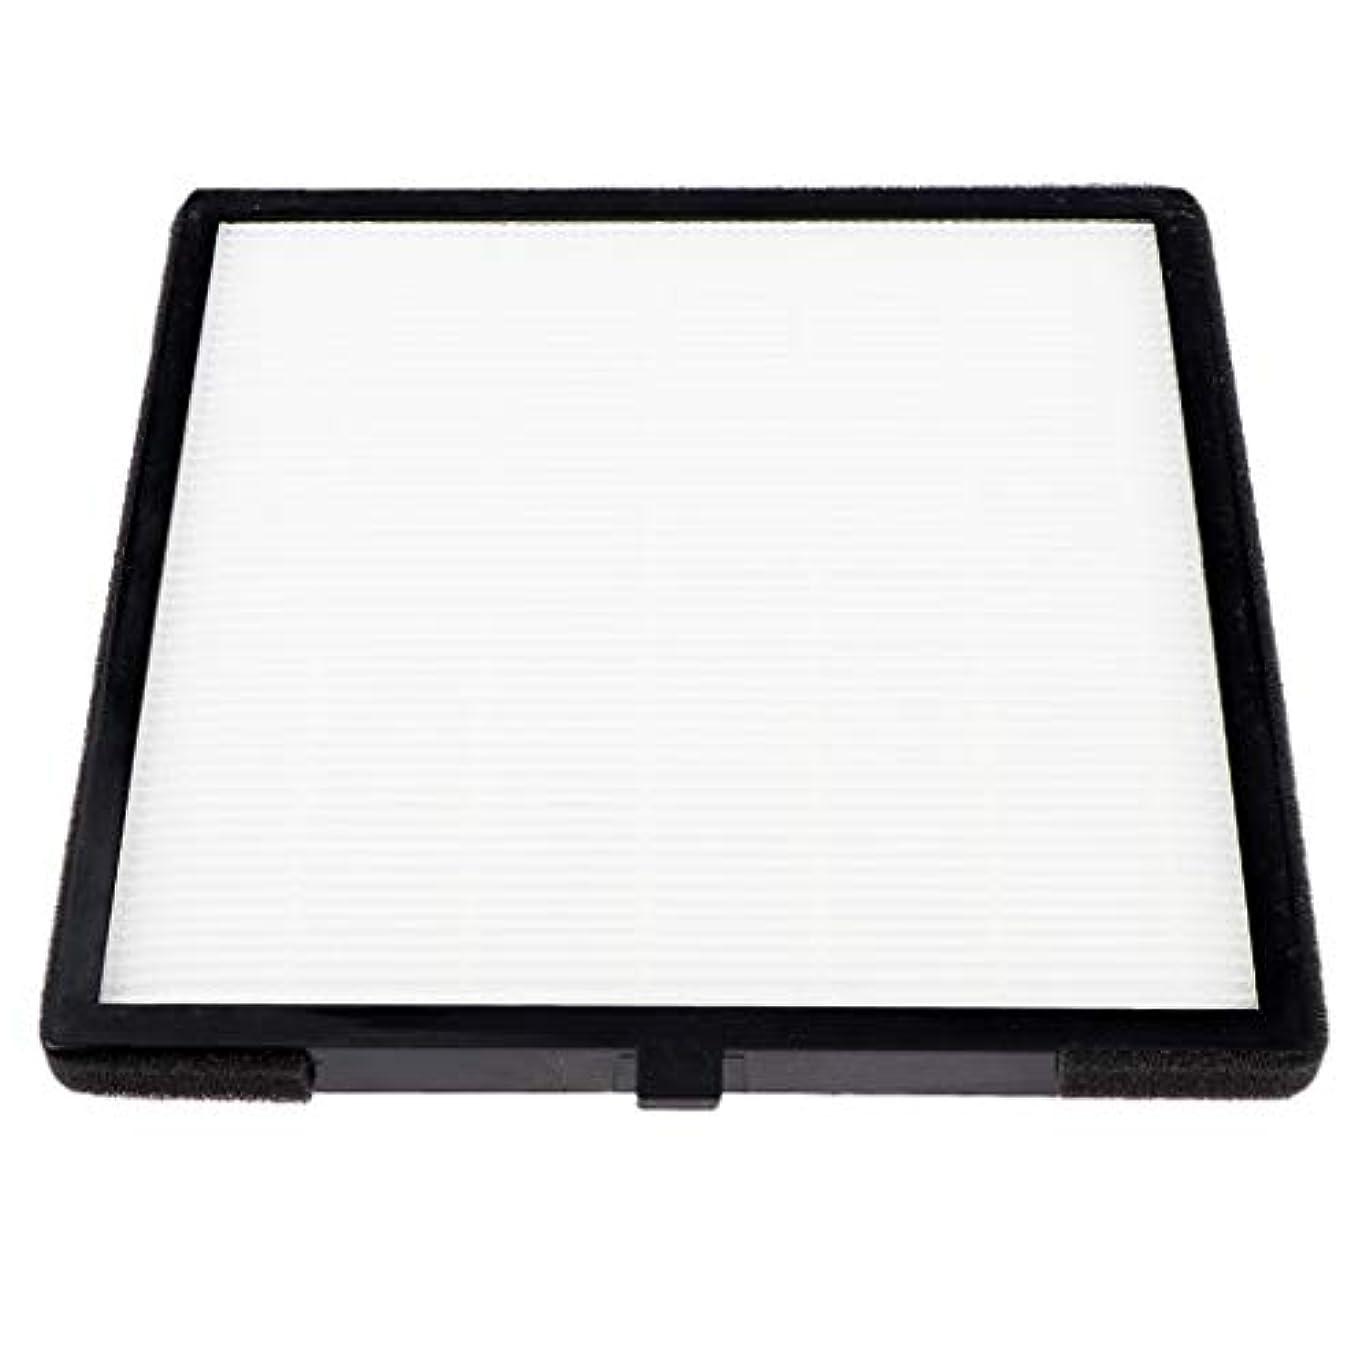 評価編集する組み込むSharplace ネイル ネイルアート ダストコレクターフィルタースクリーン 集塵機フィルター 集塵装置